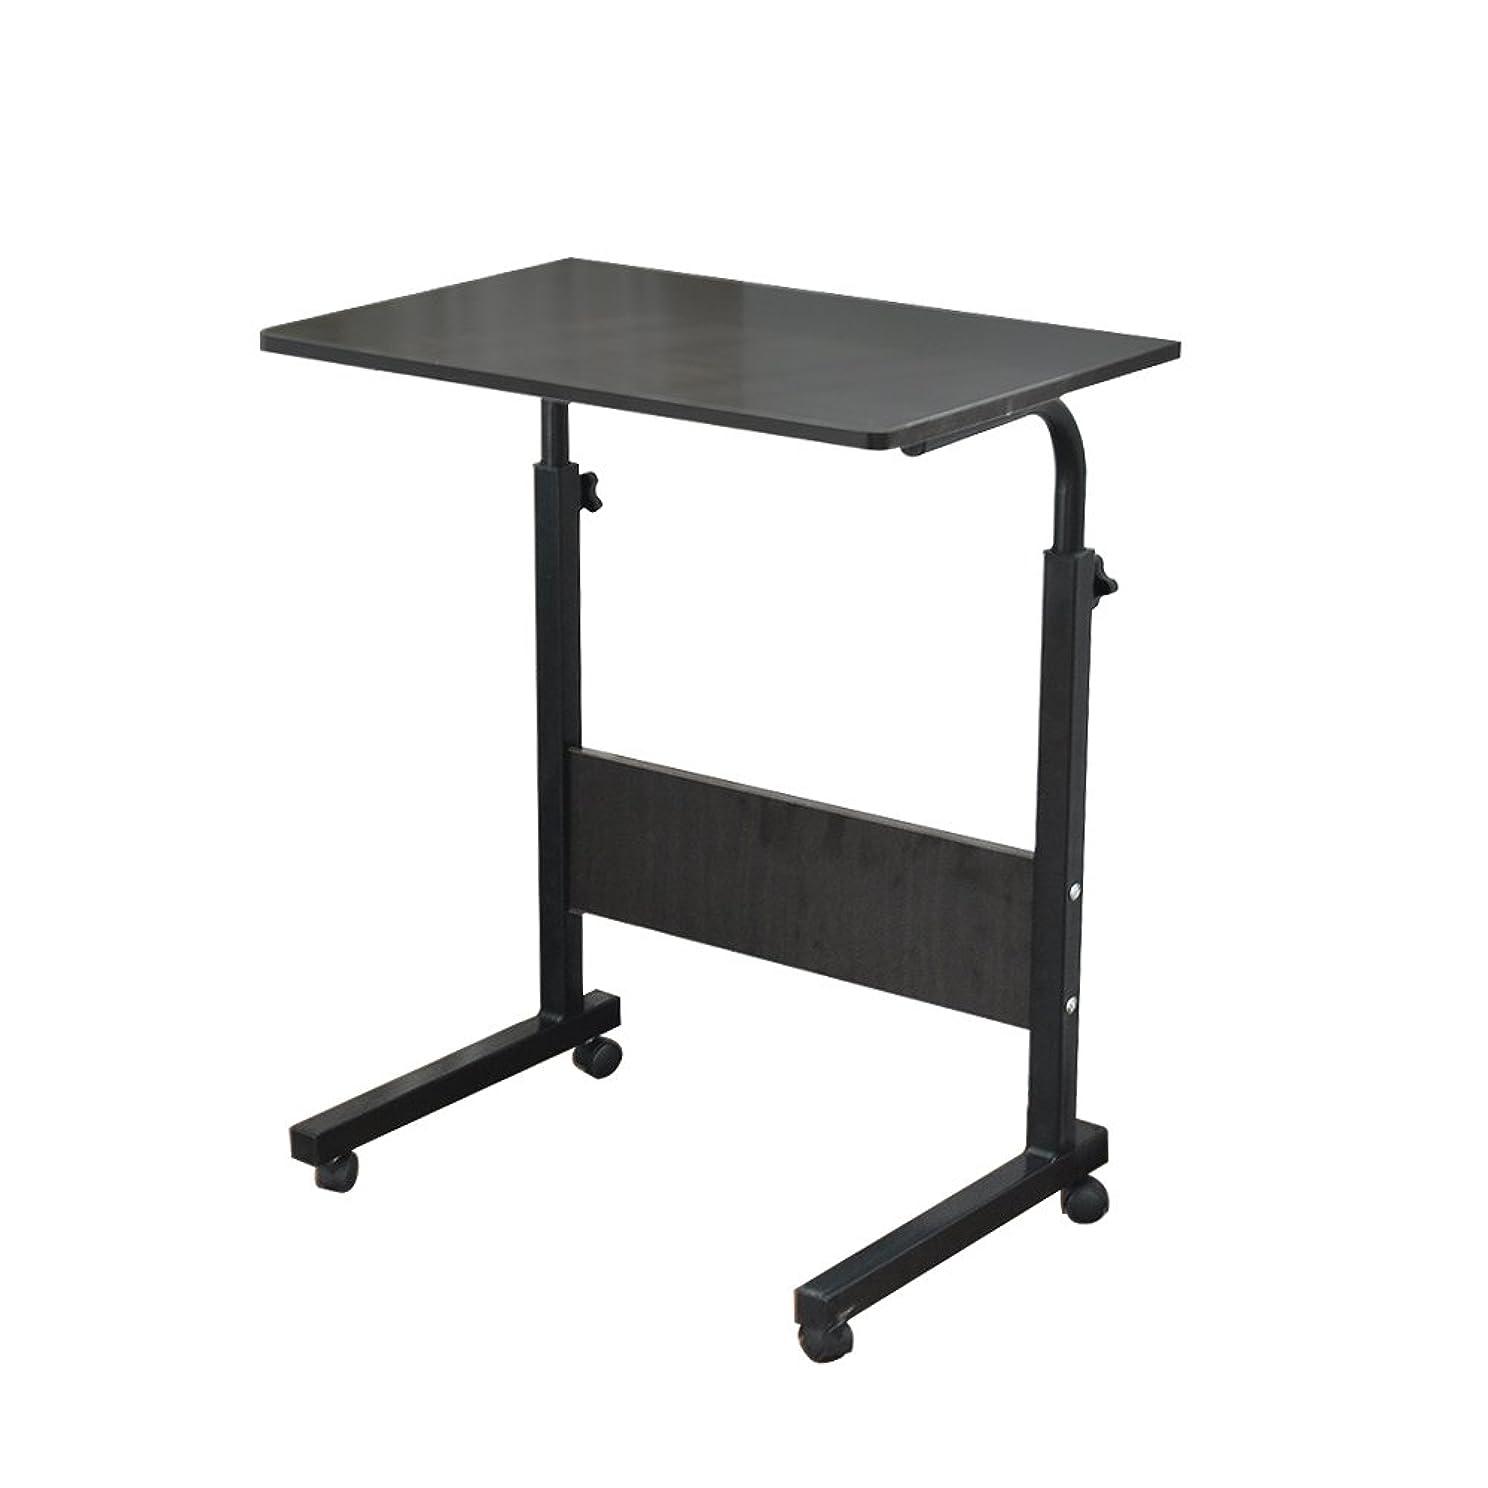 効果官僚連隊Soges 昇降式サイドテーブル ノートパソコンスタンド 可移動デスク キャスター付きデスク (ブラック, 60cm)